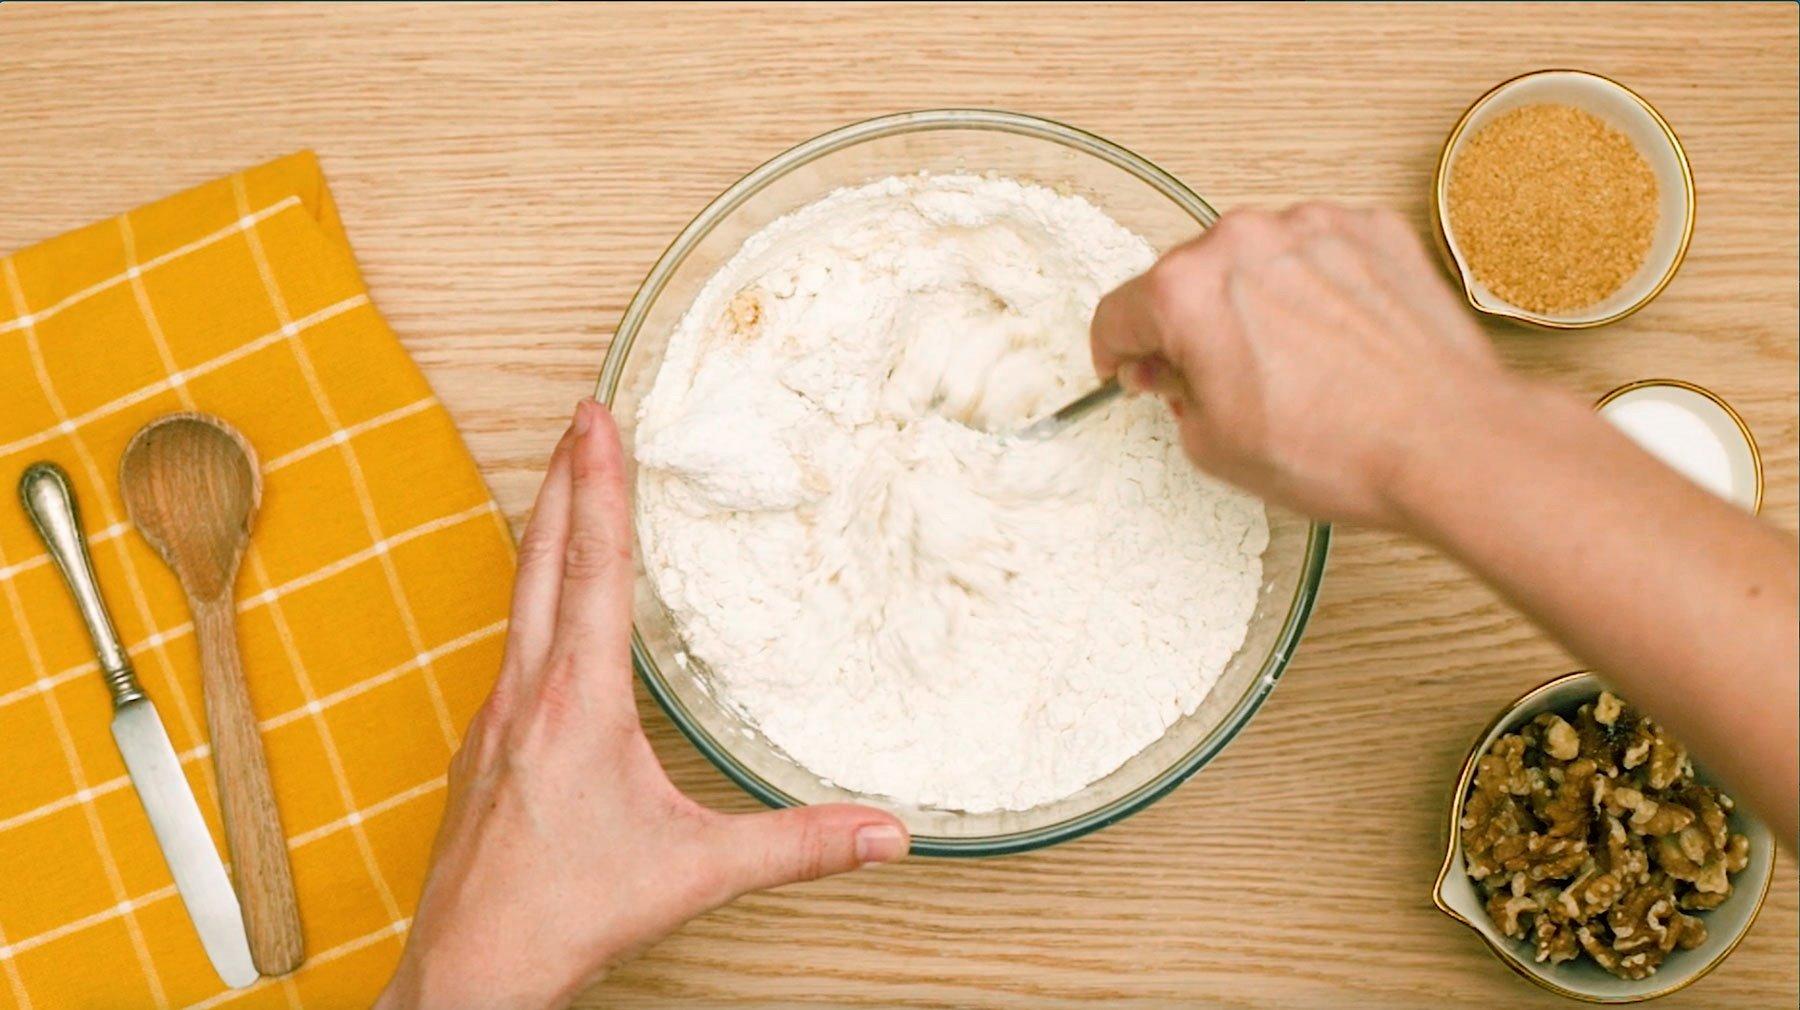 3. Remueve con una cuchara